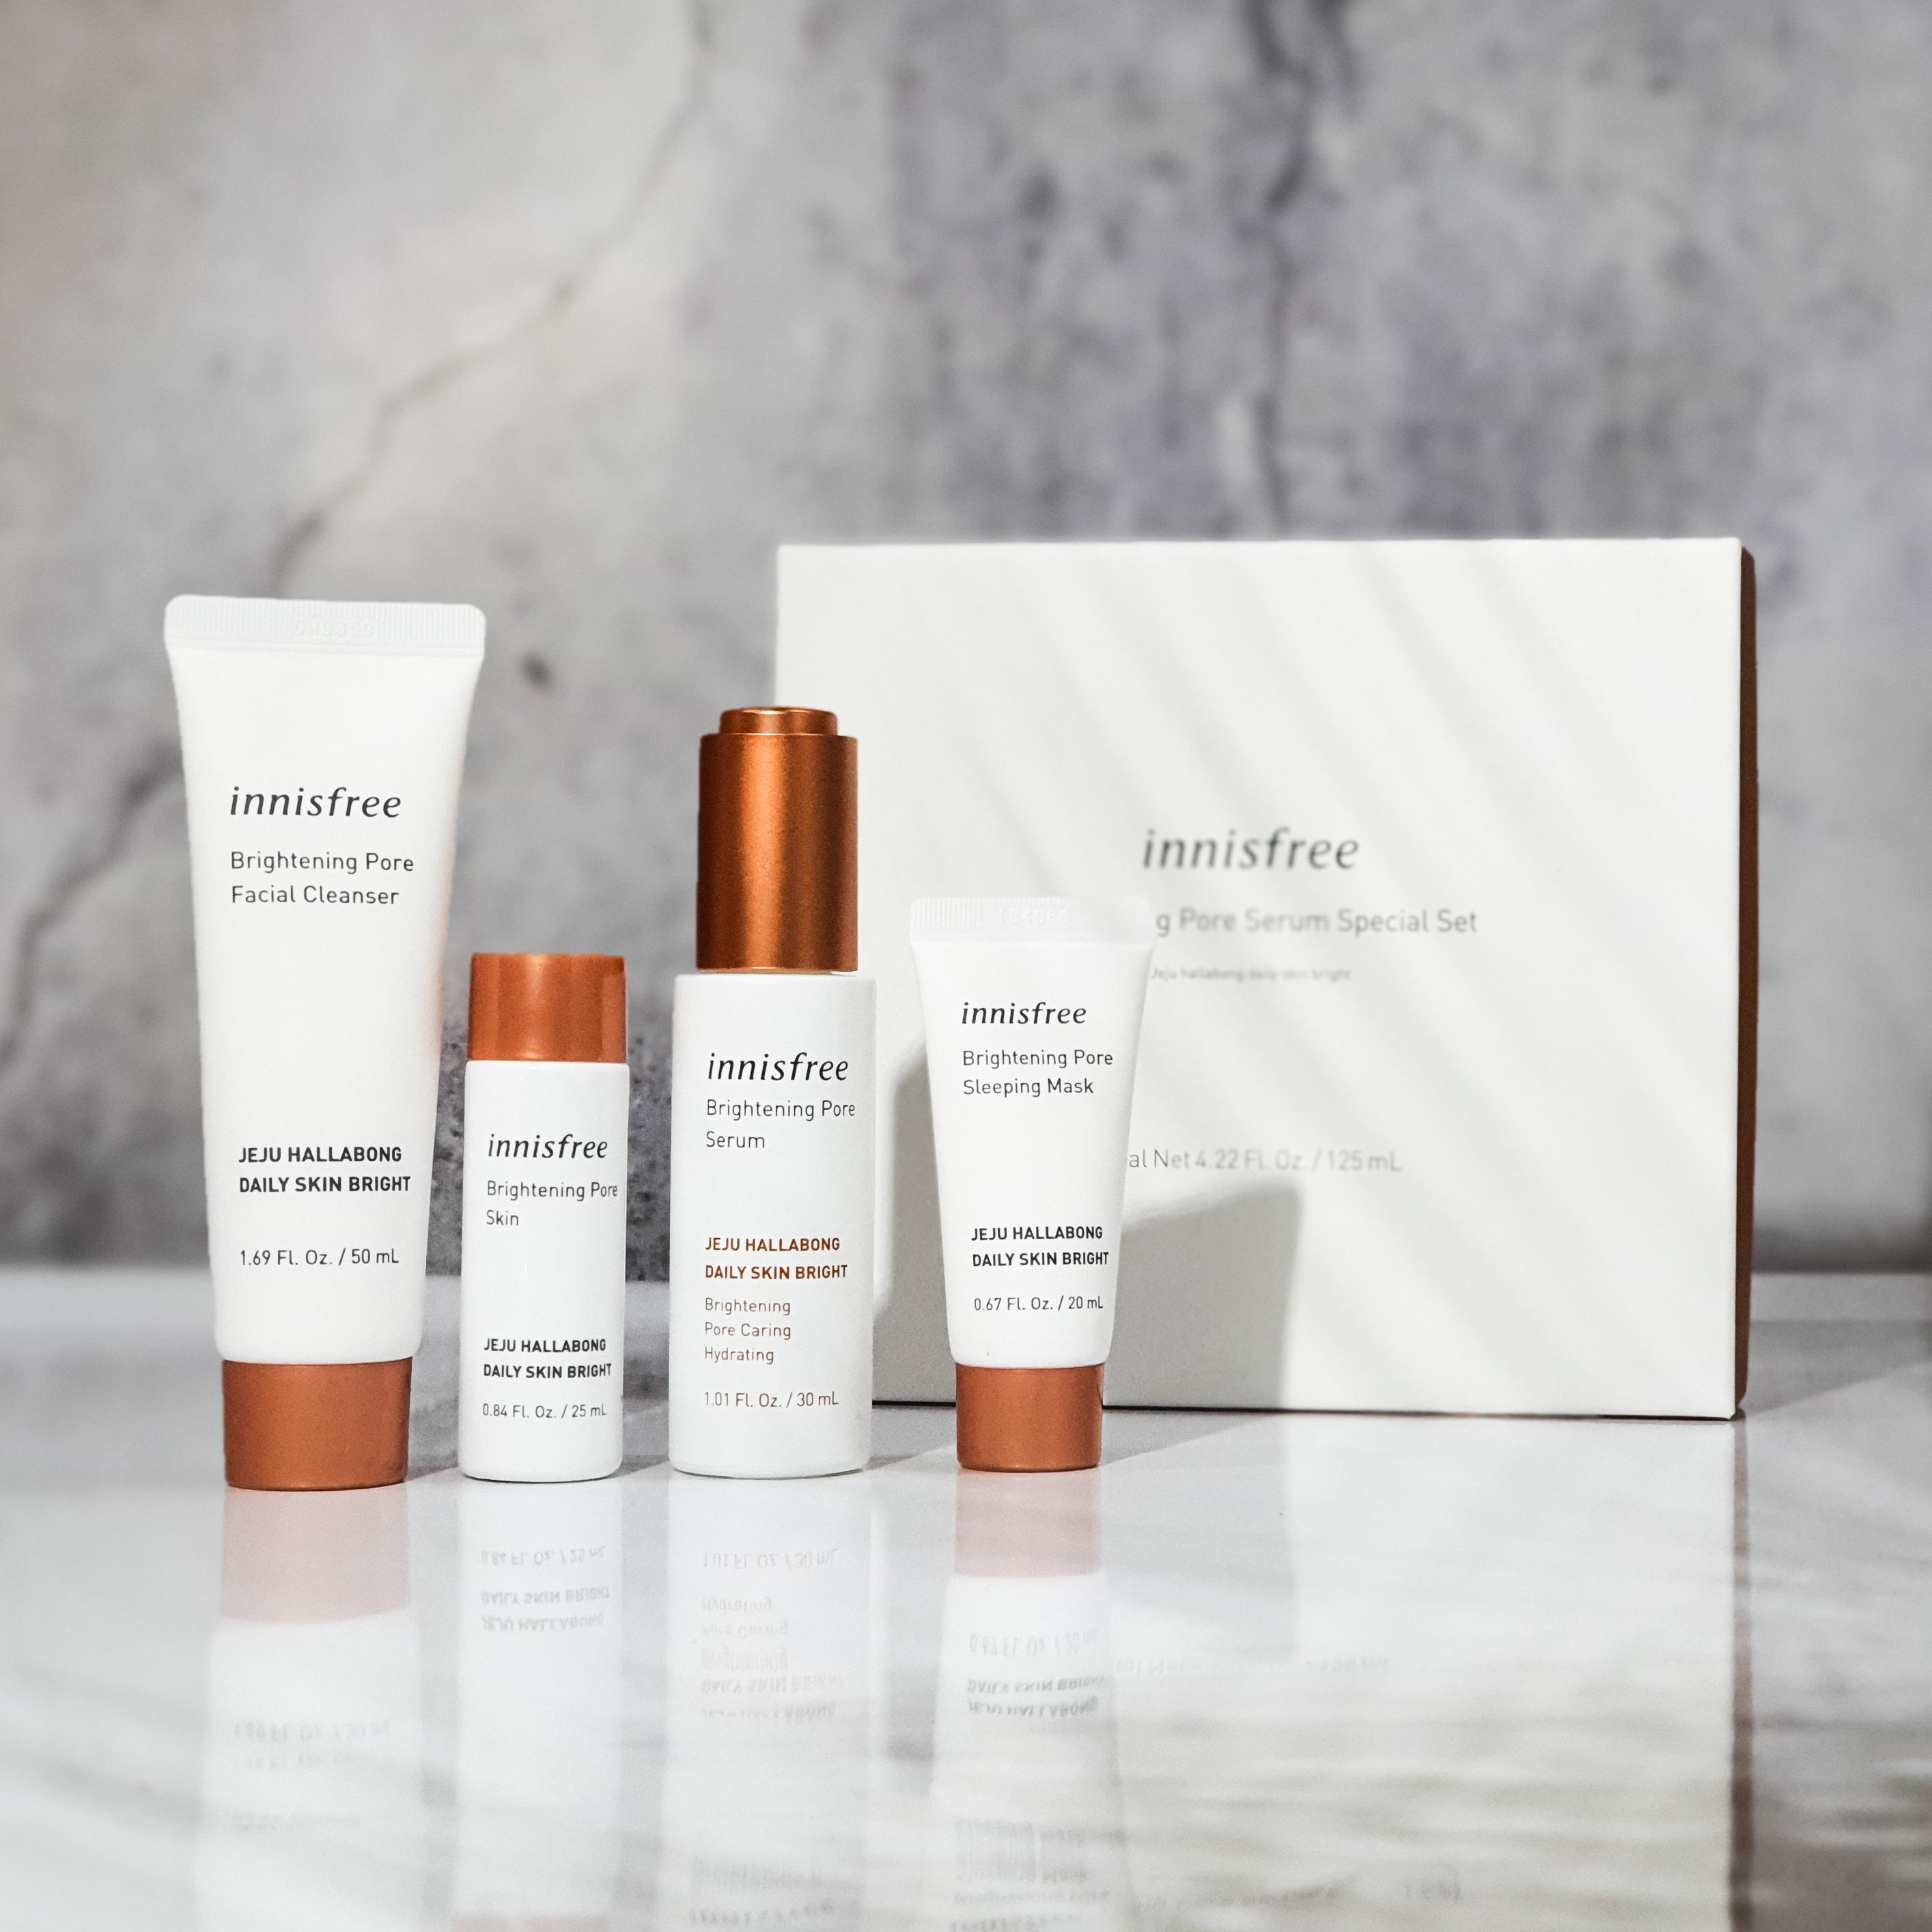 REVIEW   Innisfree Brightening Pore Serum Skincare Set